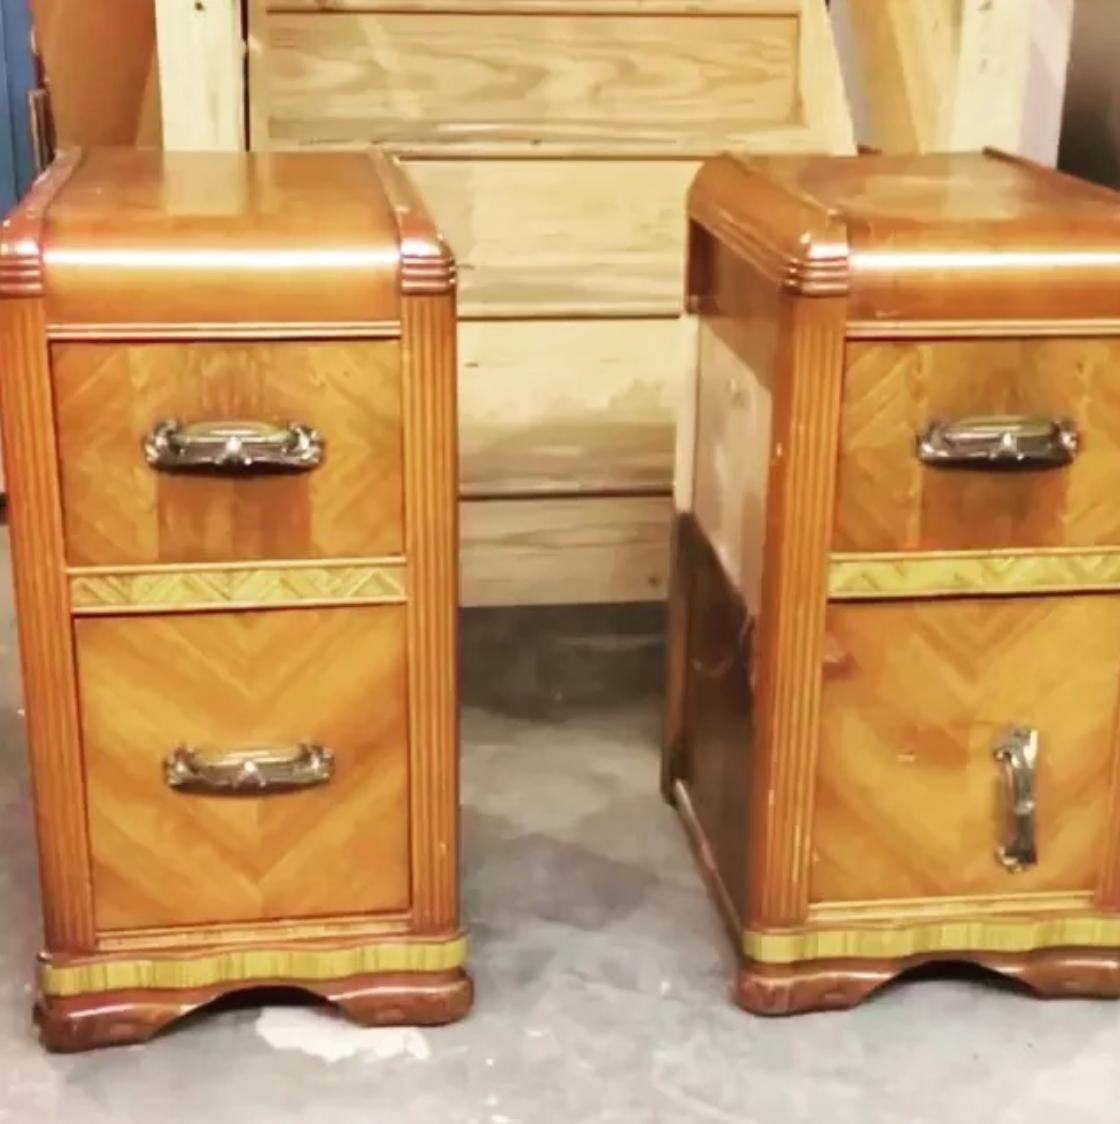 Vintage waterfall nightstands with bakelite handles